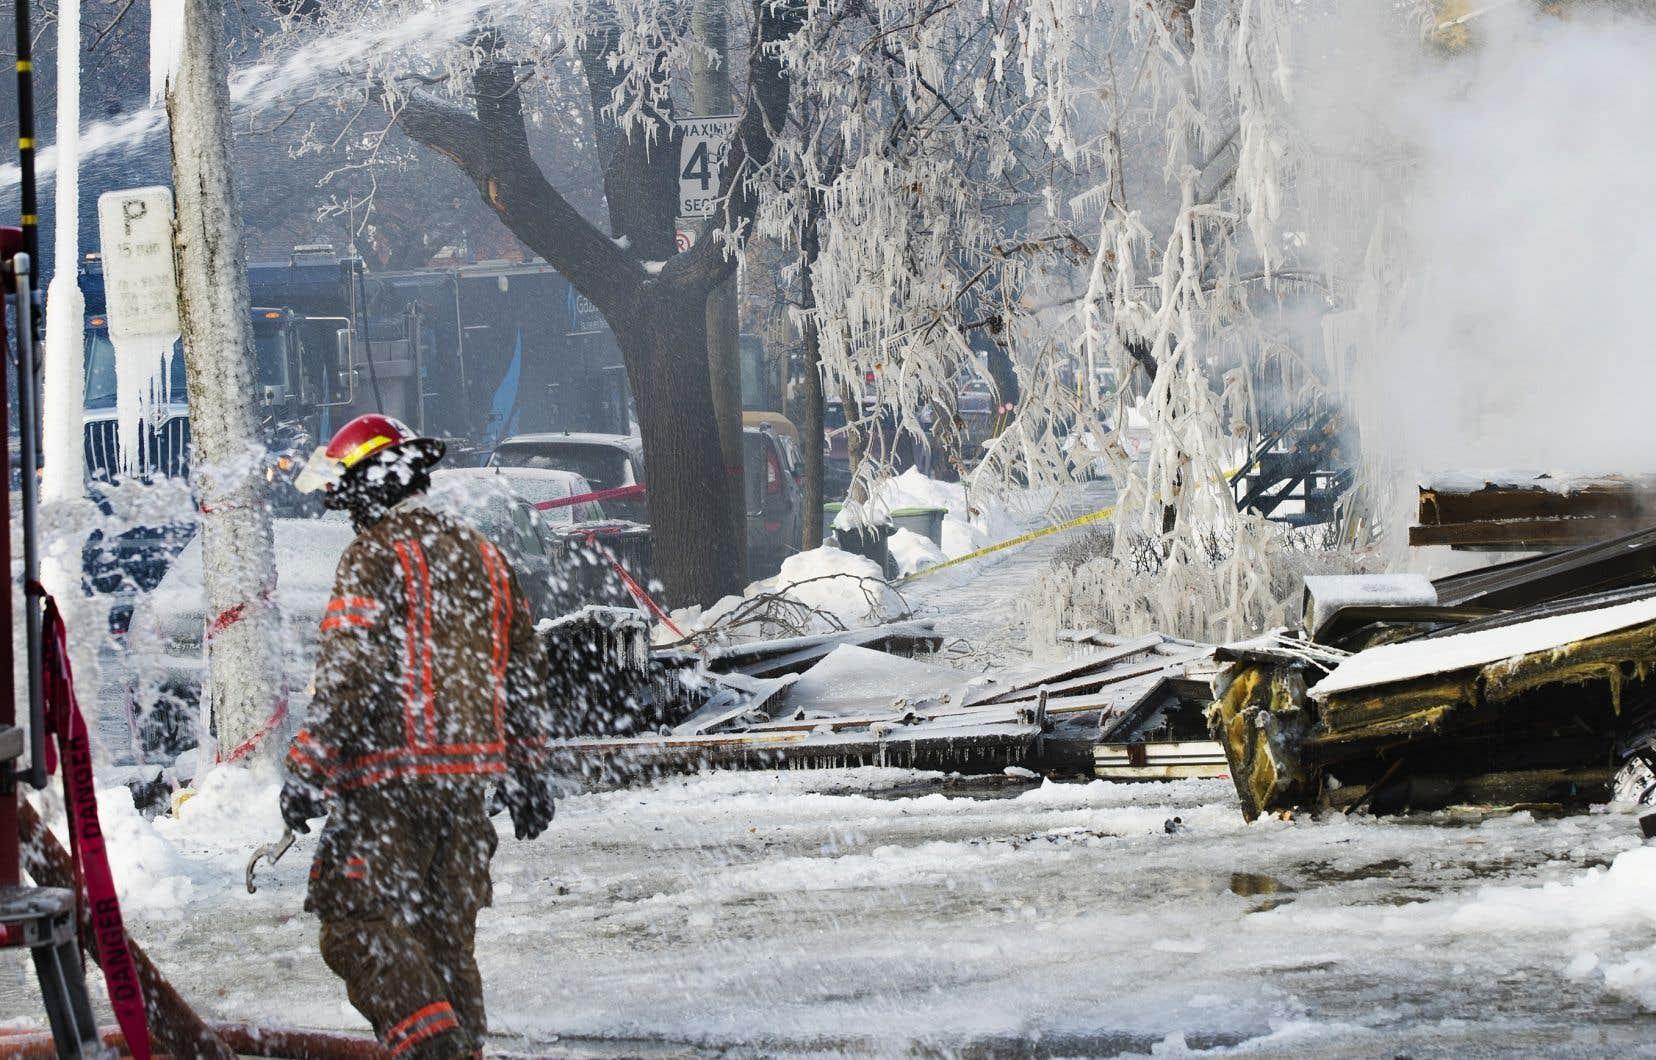 La hausse de blessures parmi les pompiers en 2018 est attribuable à l'augmentation du nombre d'incendies majeurs nécessitant cinq alertes dans les trois premiers mois de l'année, selon le directeur du SIM.